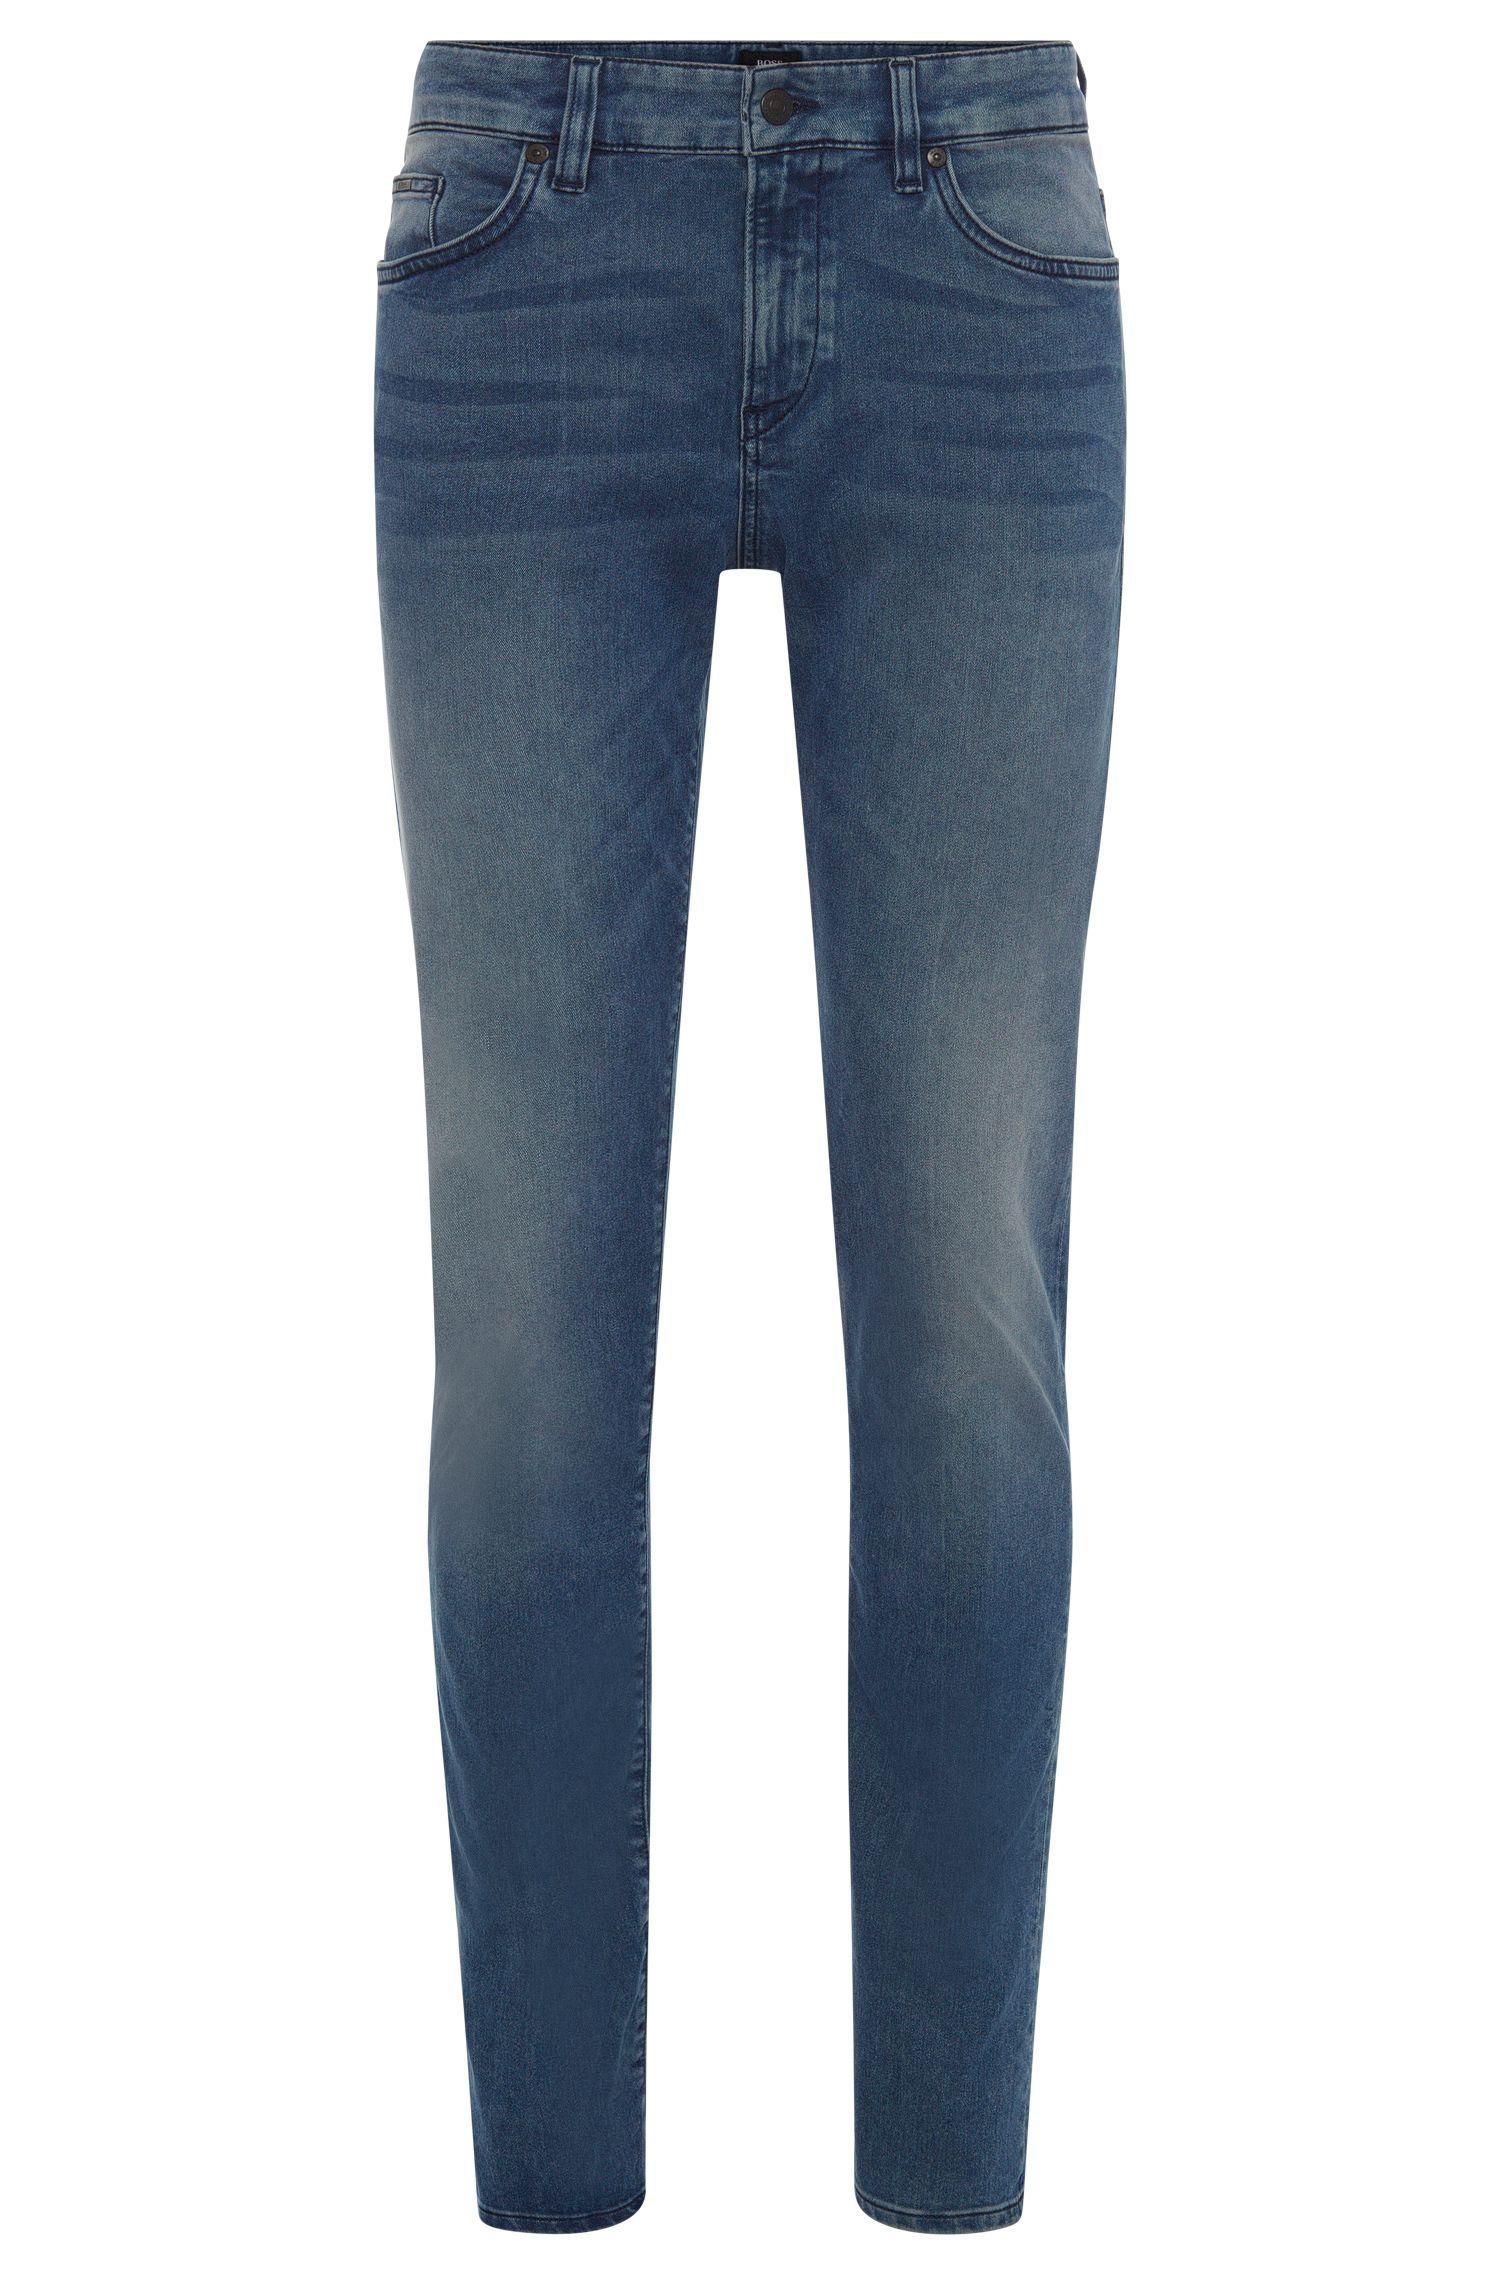 Slim-Fit Jeans aus Baumwoll-Mix mit dezenter Used-Waschung: 'Delaware3-1'